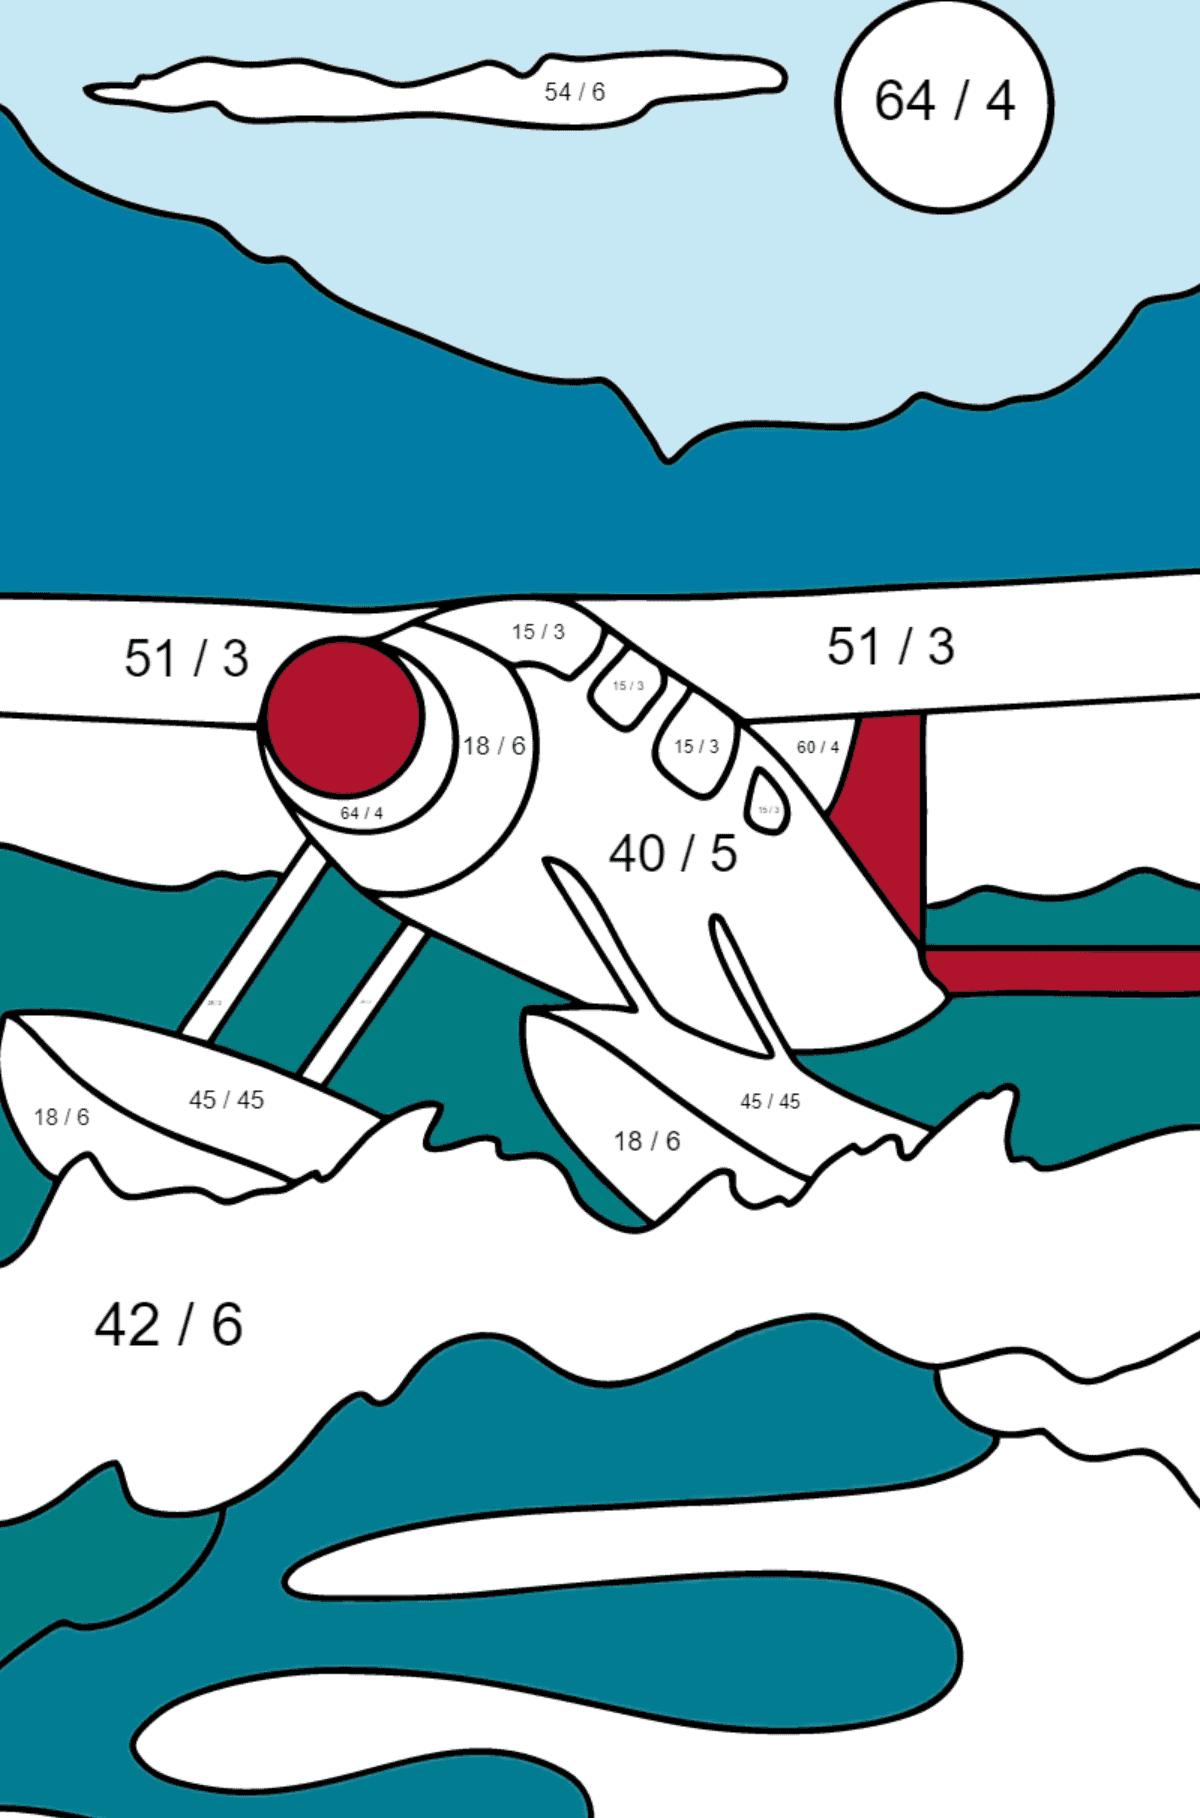 Раскраска гидросамолет - Математическая Раскраска - Деление для Детей